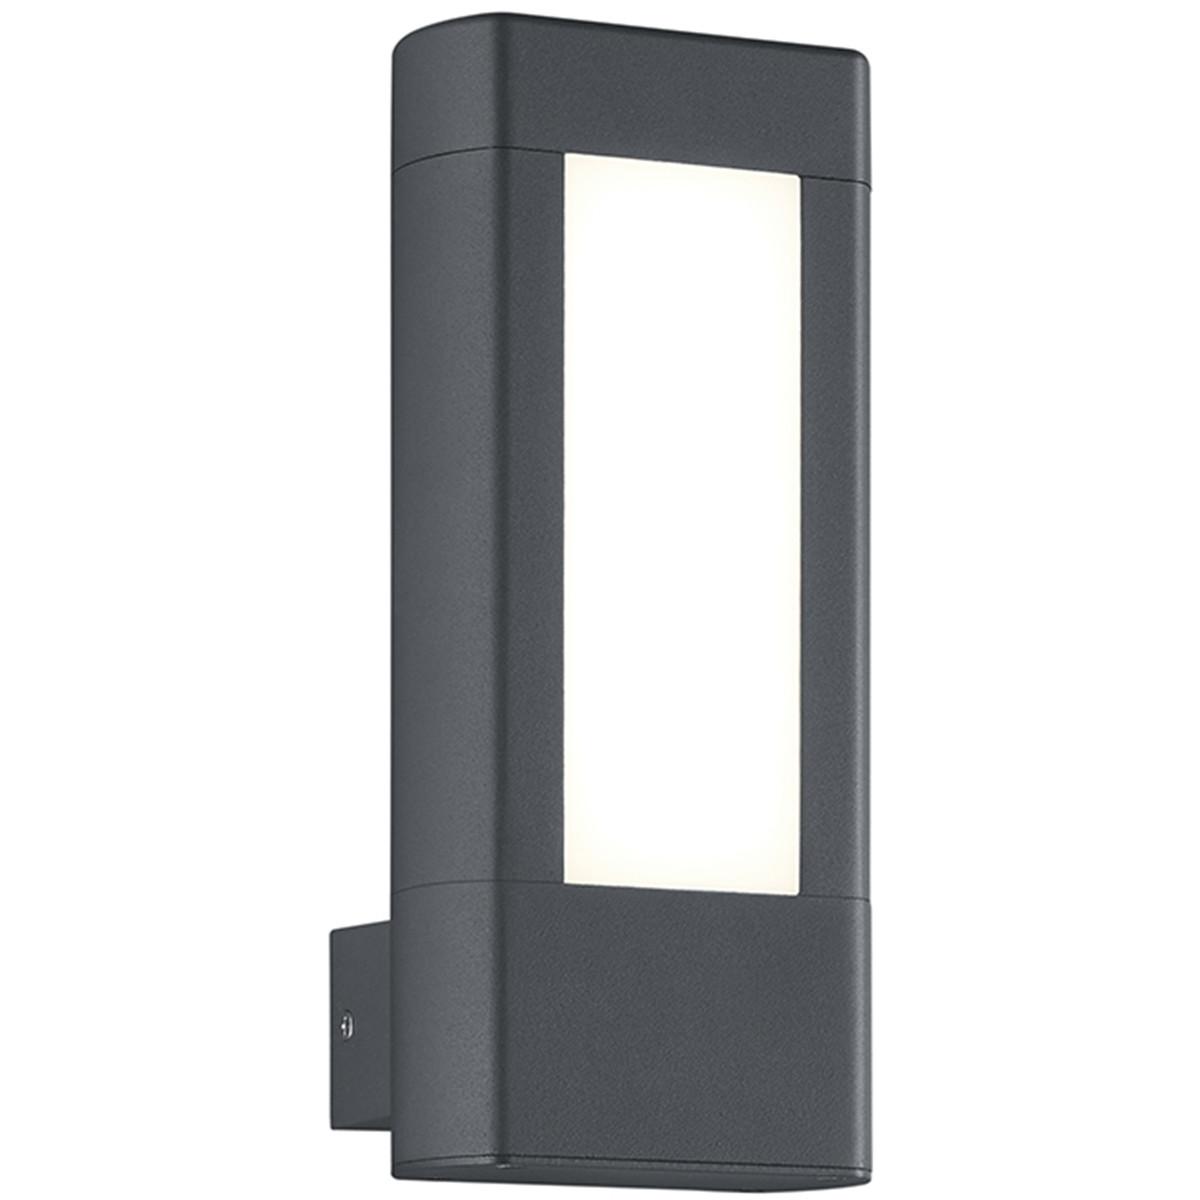 LED Tuinverlichting - Tuinlamp - Trion Rhinon - Wand - 9W - Warm Wit 3000K - Mat Zwart - Aluminium